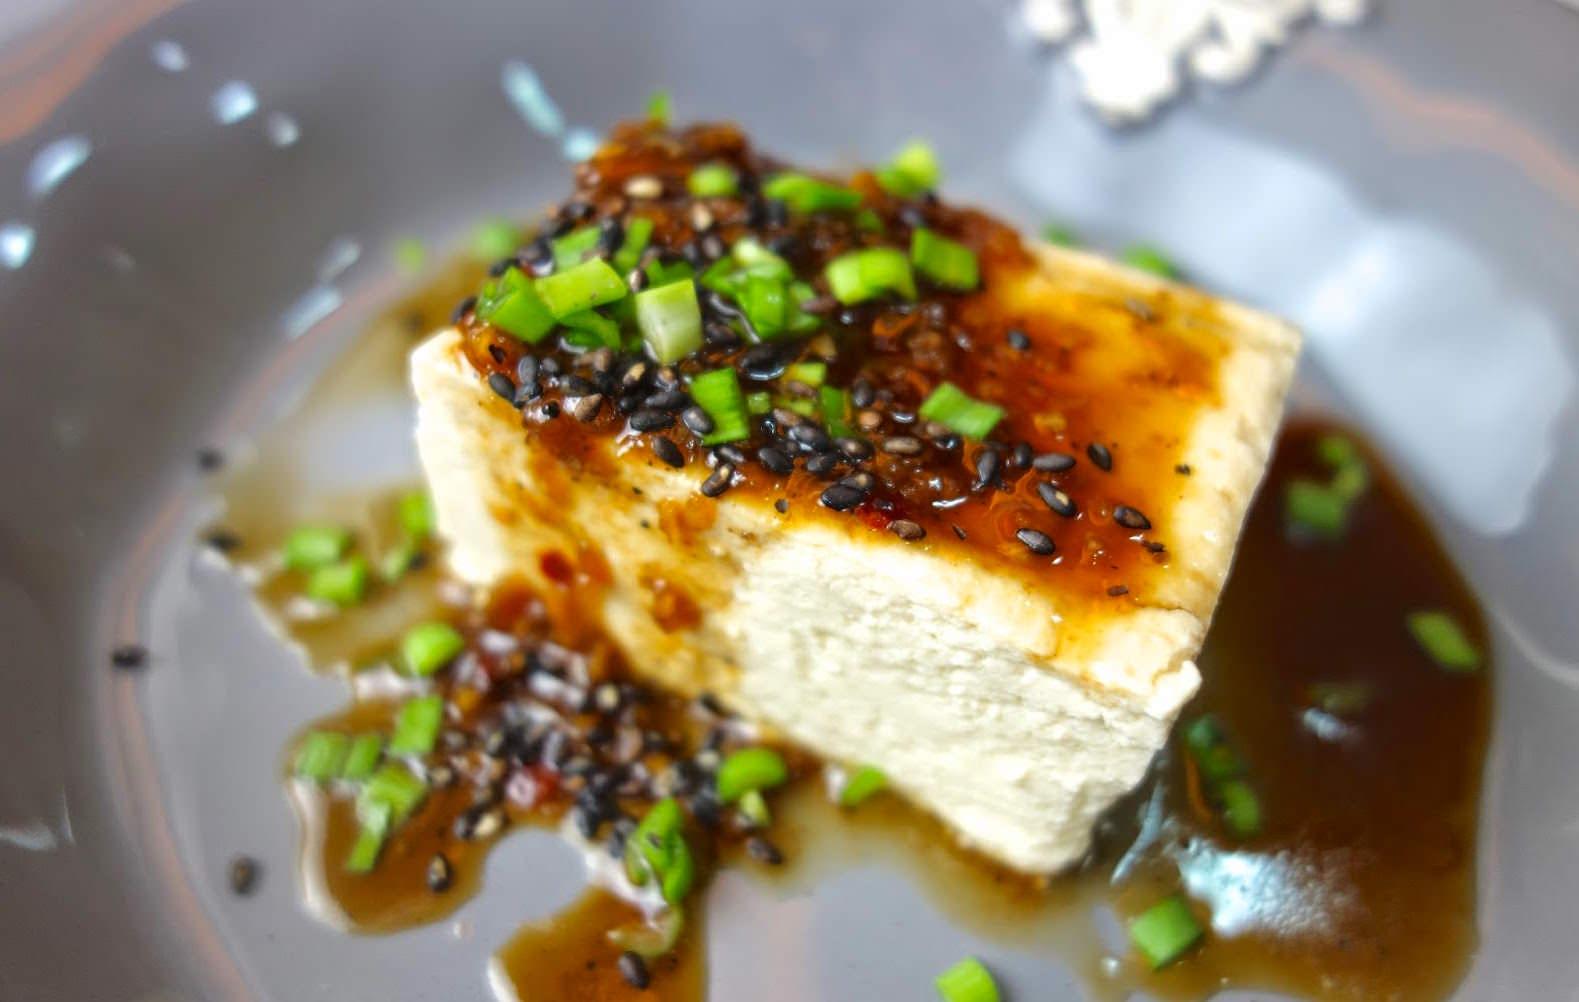 「不需要鹽滷,原來用醋也能簡單做豆腐!」5 步驟教會你,自己做最純天然的豆腐